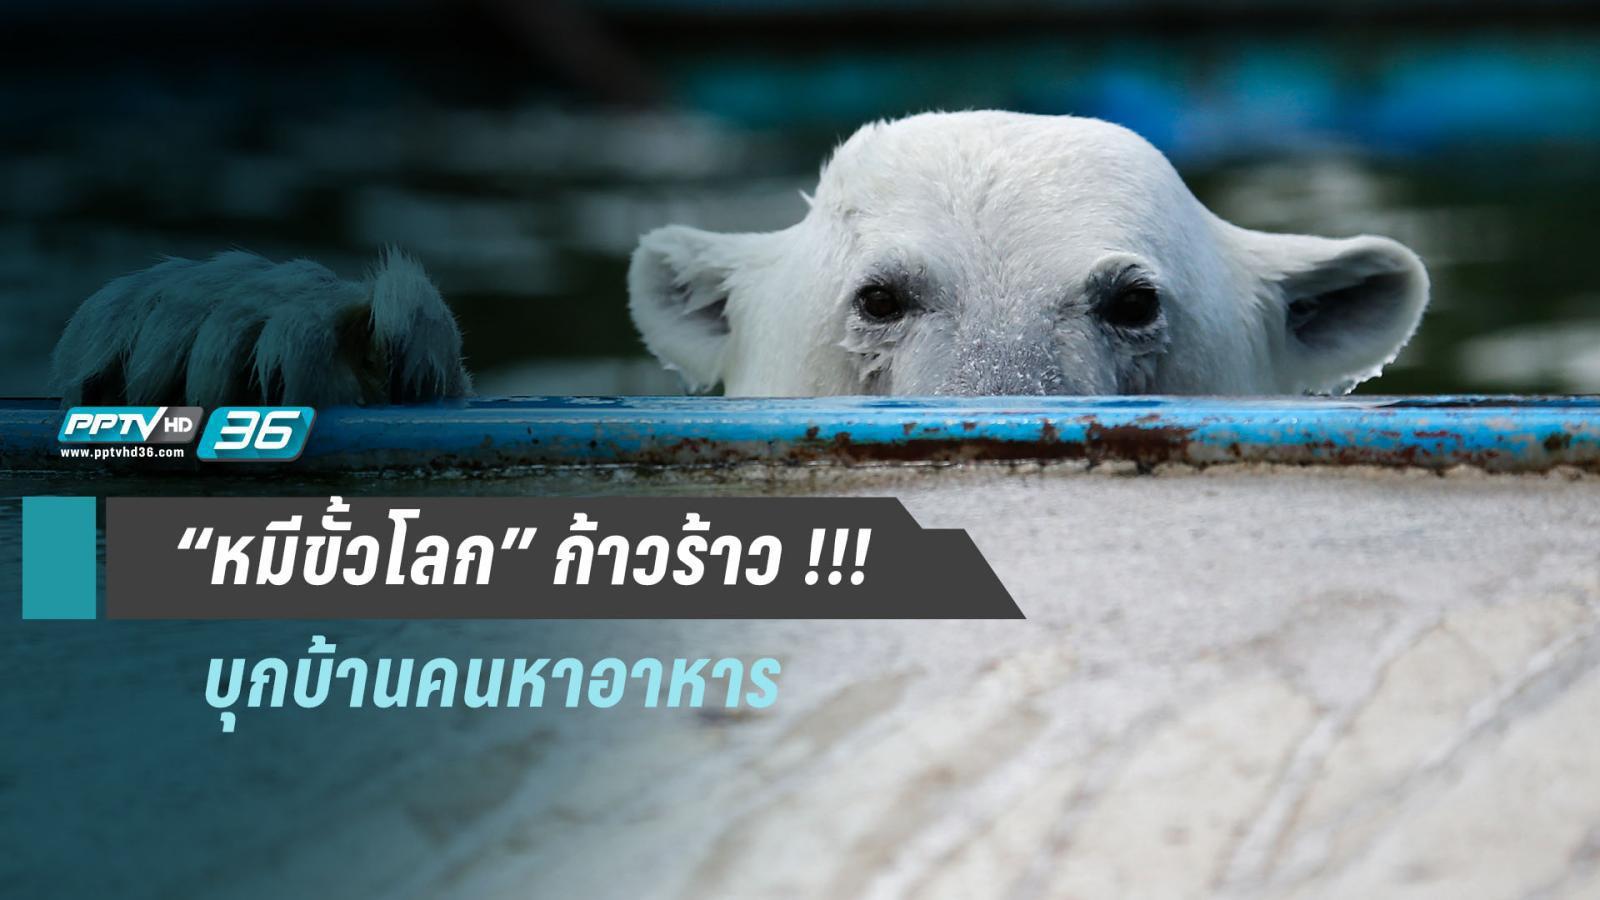 """"""" โลกร้อน !!! ทำหมีขั้วโลกหัวร้อน"""" ค้นอาคารบ้านเรือน จนต้องออกประกาศเฝ้าระวังฉุกเฉิน"""